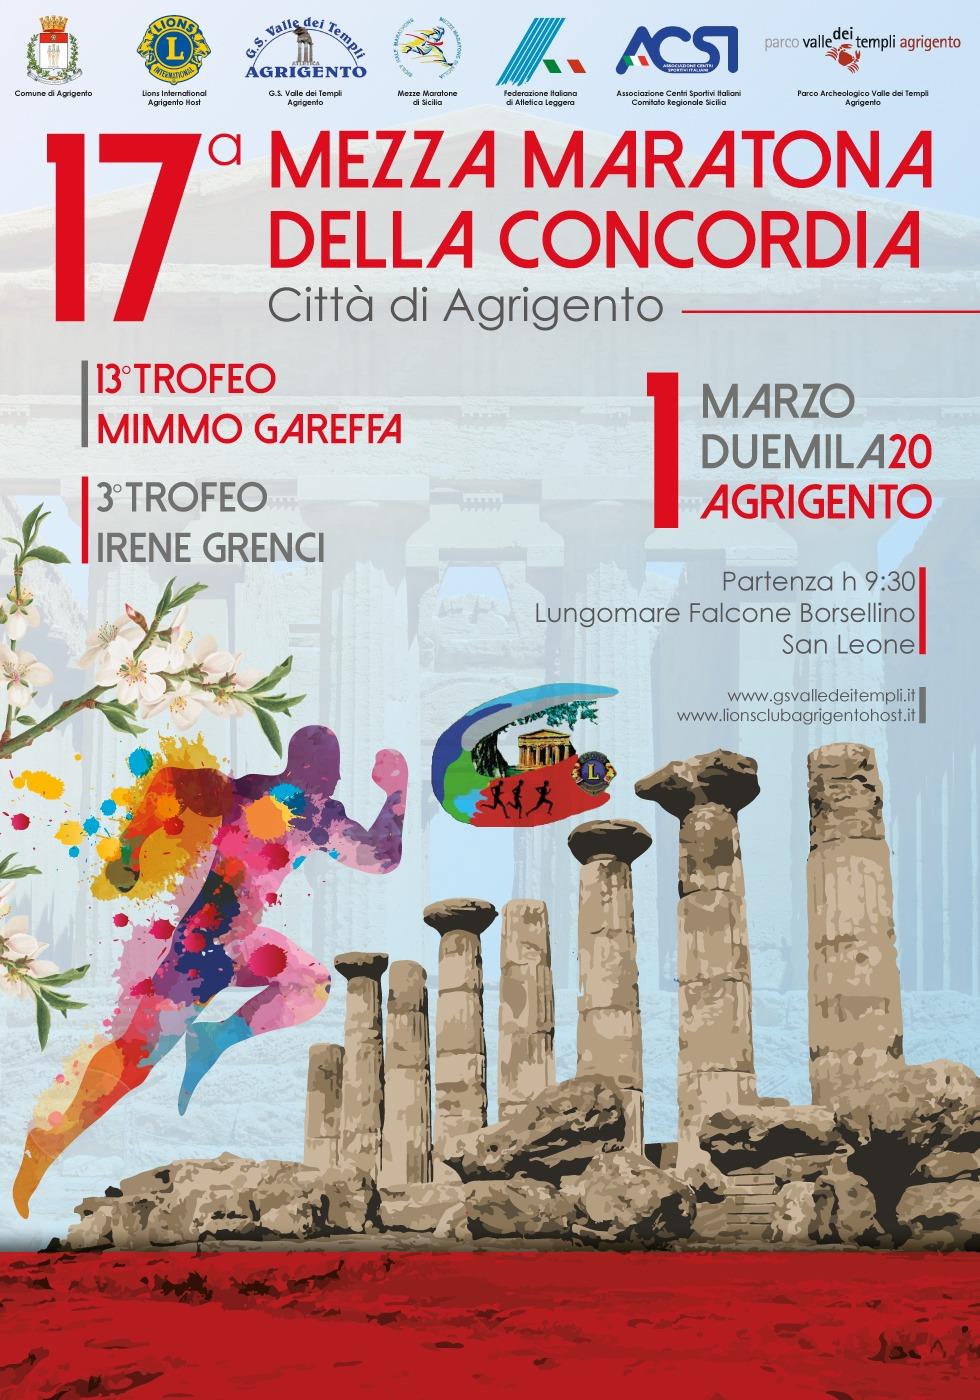 Calendario Mezze Maratone 2020 Italia.Calendario Mezze Maratone 2020 Calendario 2020